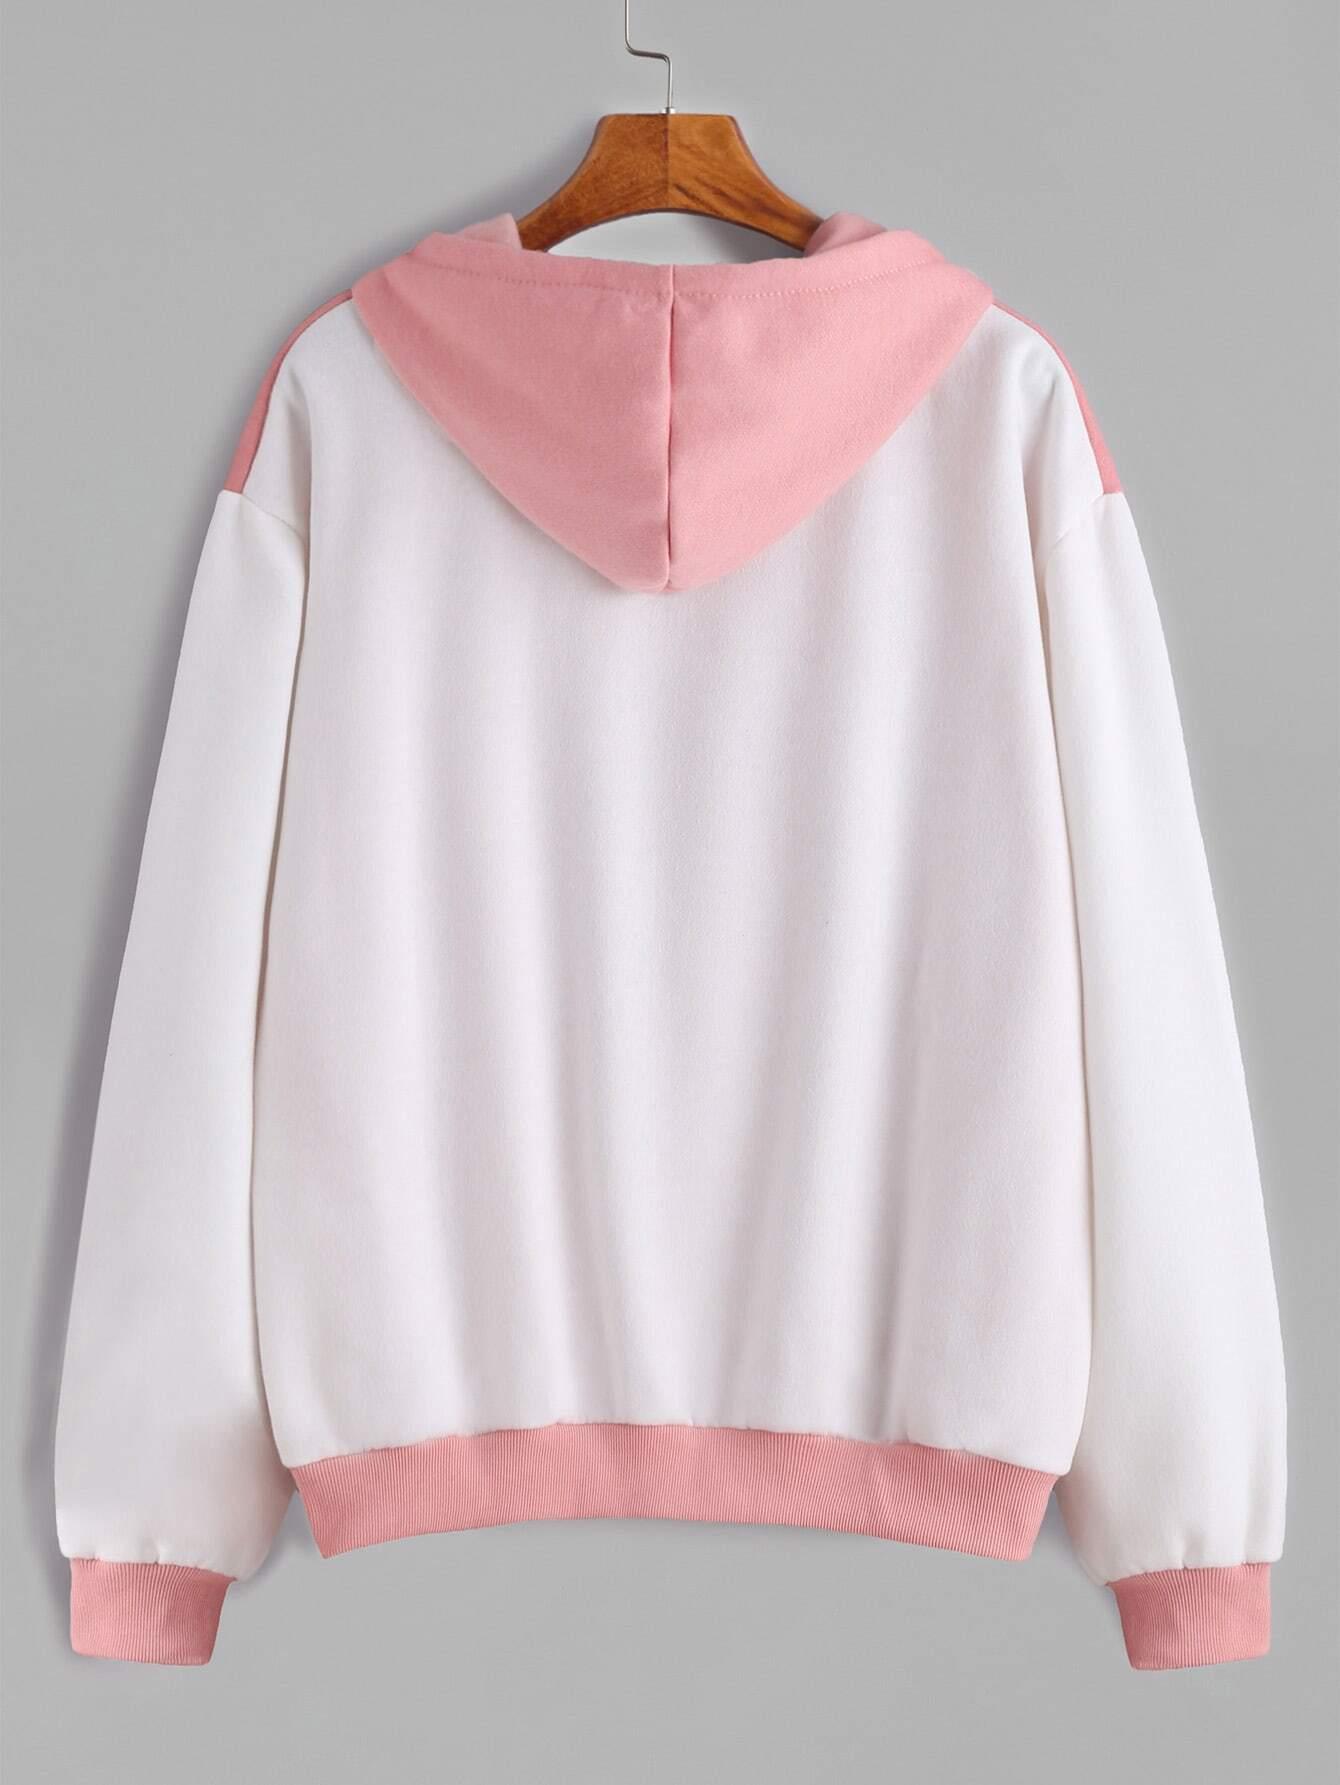 sweatshirt161111105_2